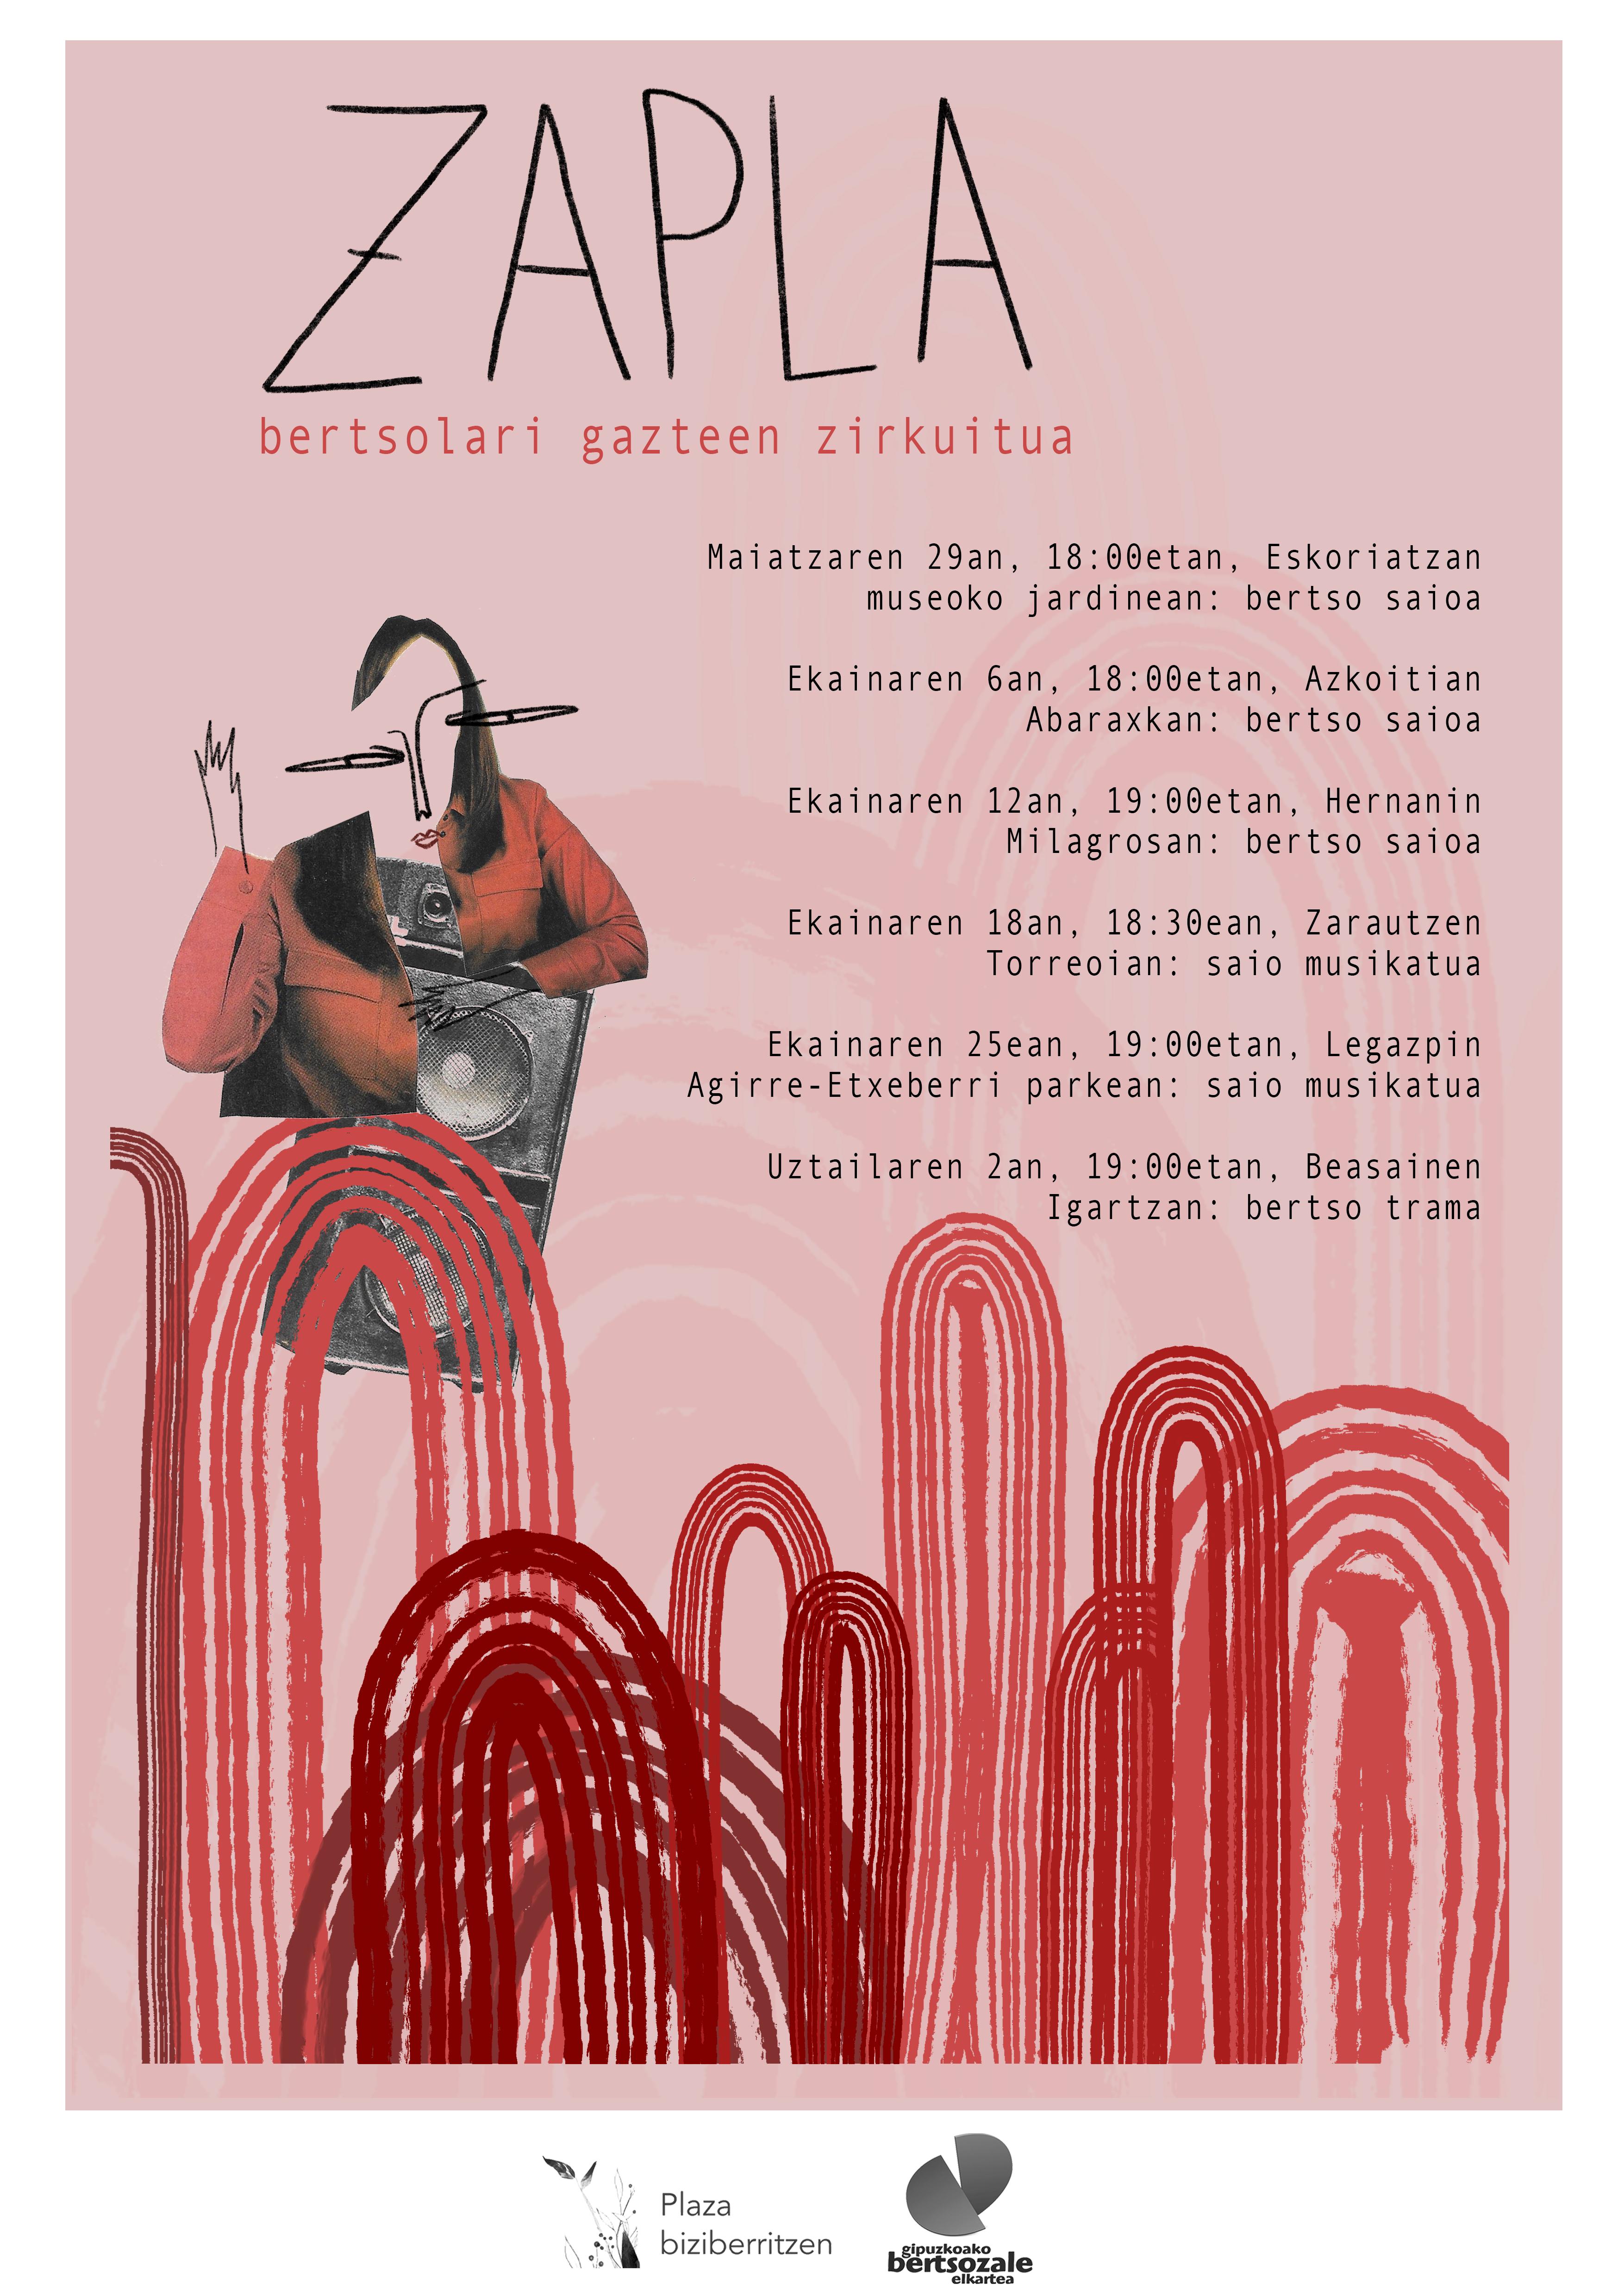 Bertsolari gazteen plazaratzean eragin asmoz Zapla bertso zirkuitua antolatu da Gipuzkoan